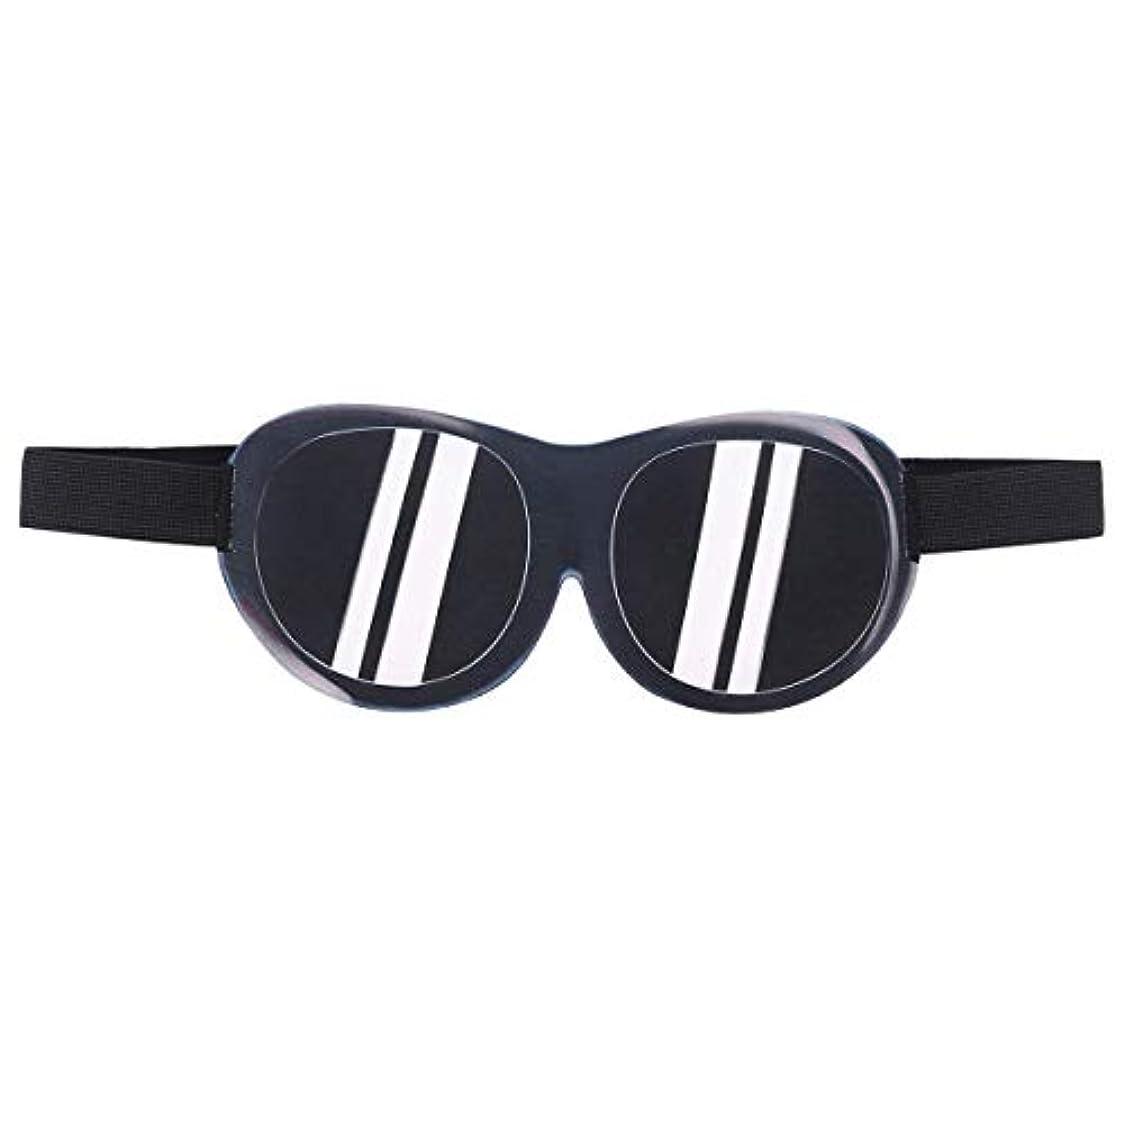 油叫ぶ寄生虫Healifty 睡眠目隠し3D面白いアイシェード通気性睡眠マスク旅行睡眠ヘルパーアイシェード用男性と女性